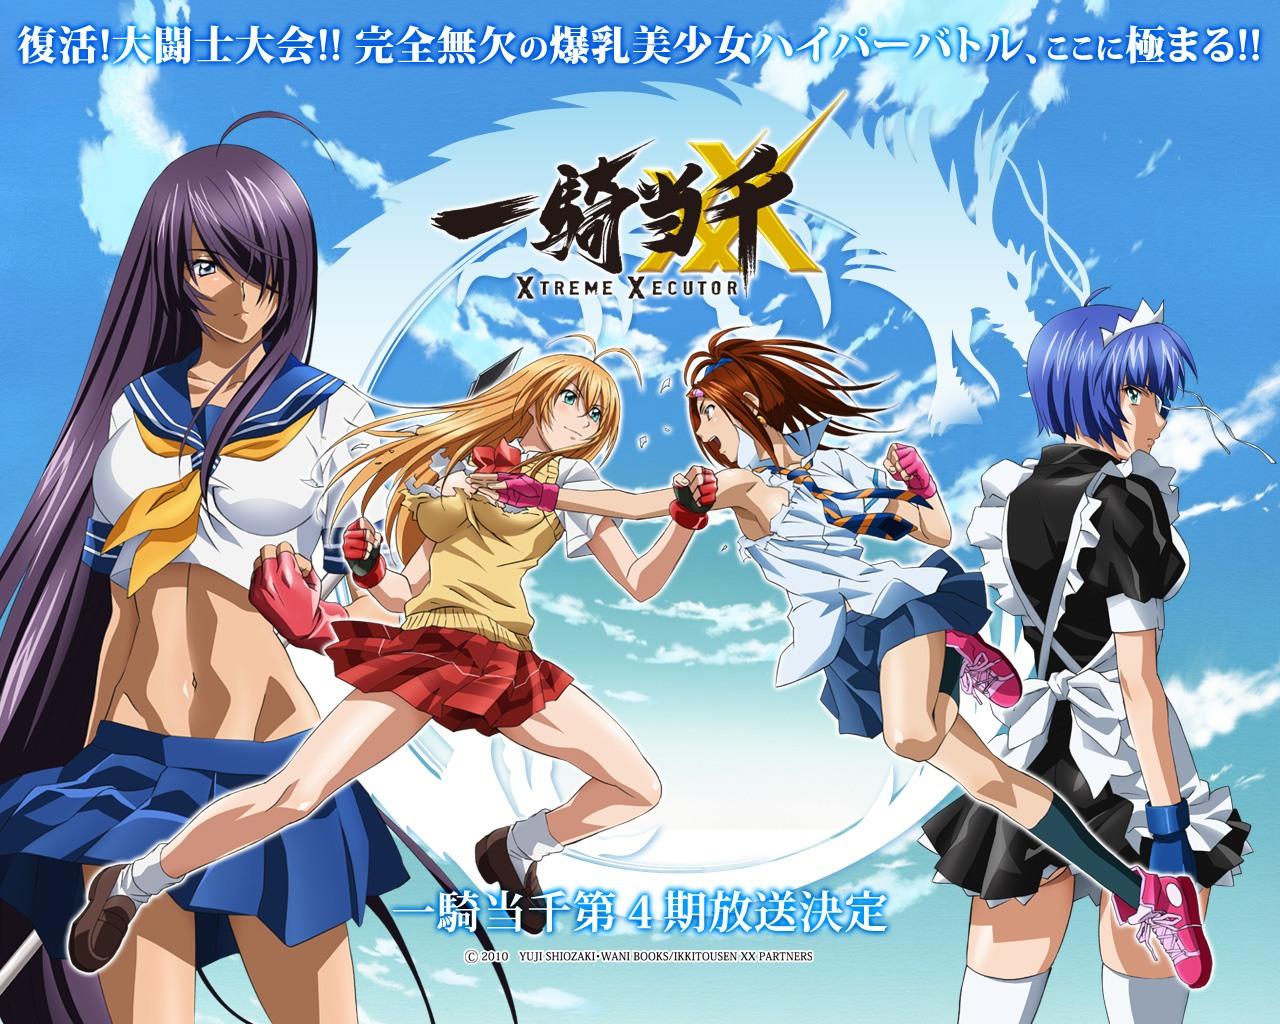 Download High quality Ikki tousen: Xtreme Xecutor wallpaper / Anime / 1280x1024